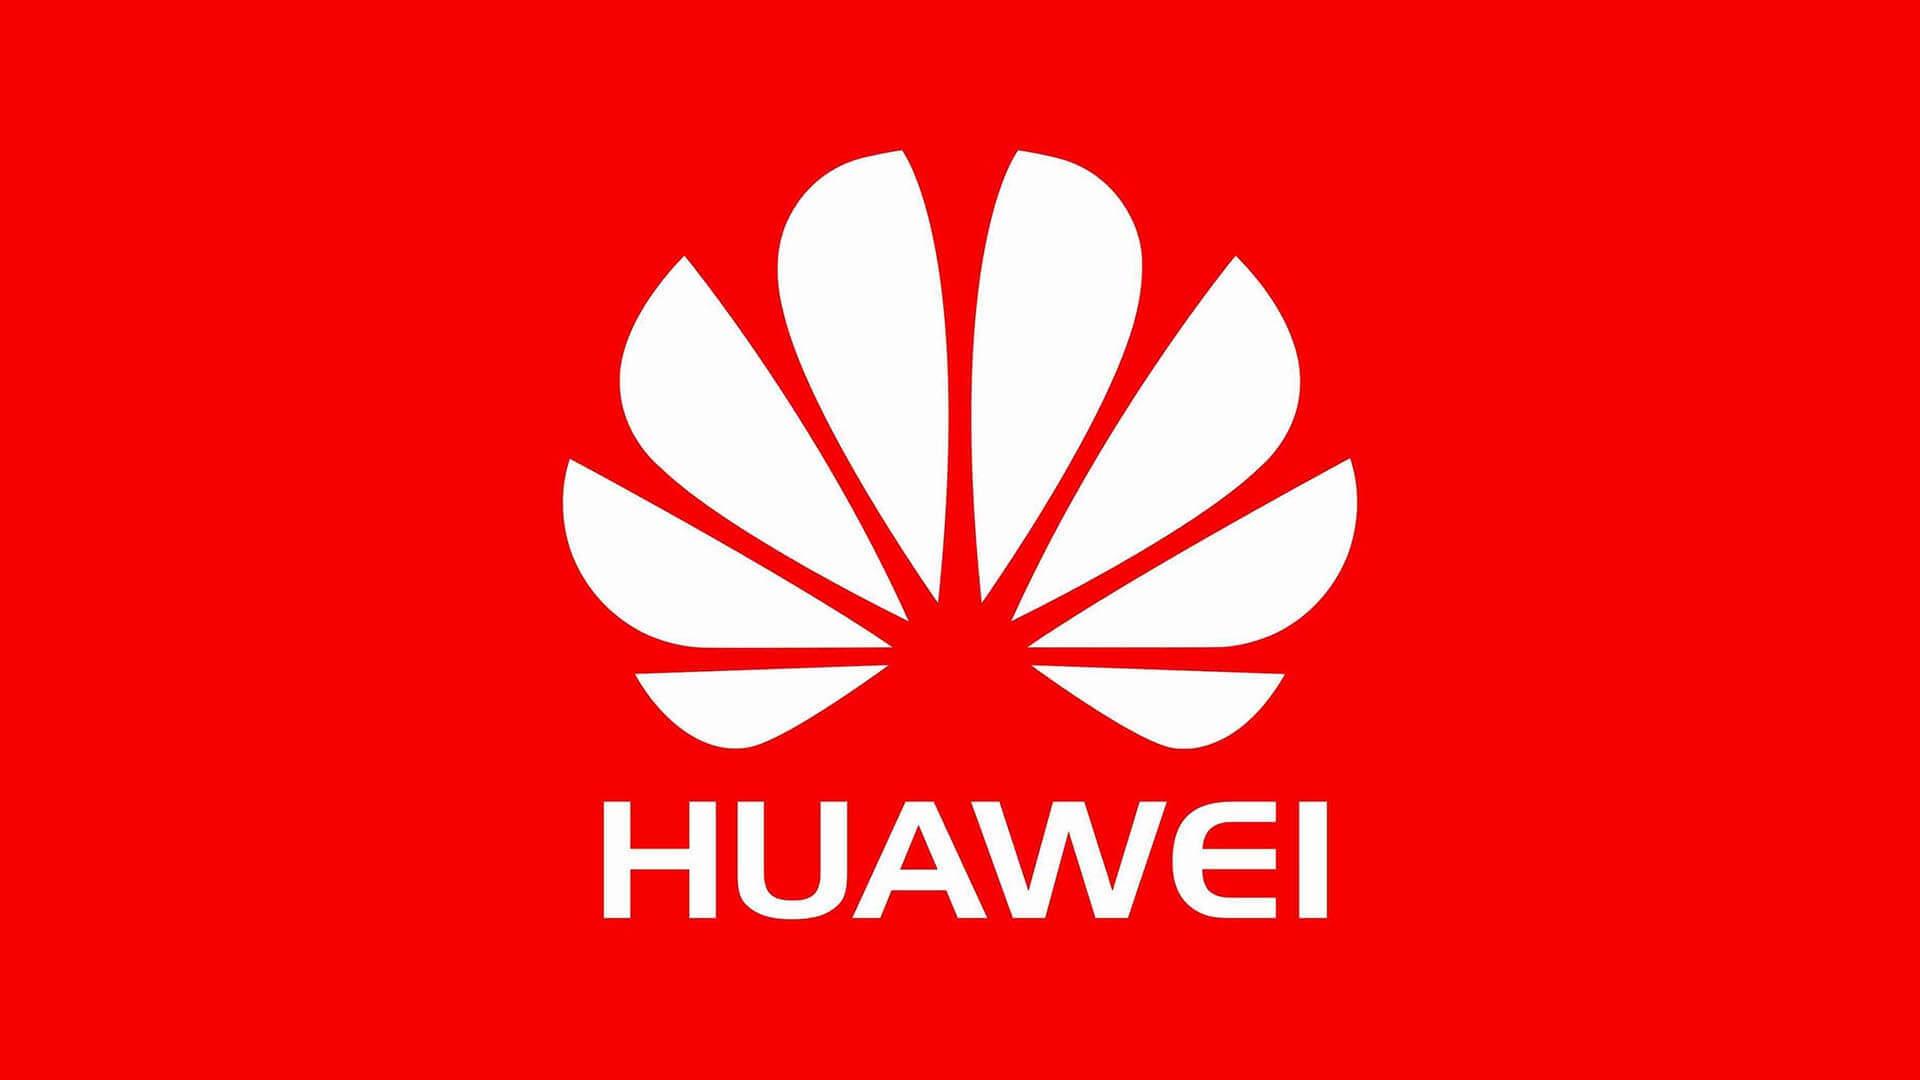 huawei logo ile ilgili görsel sonucu